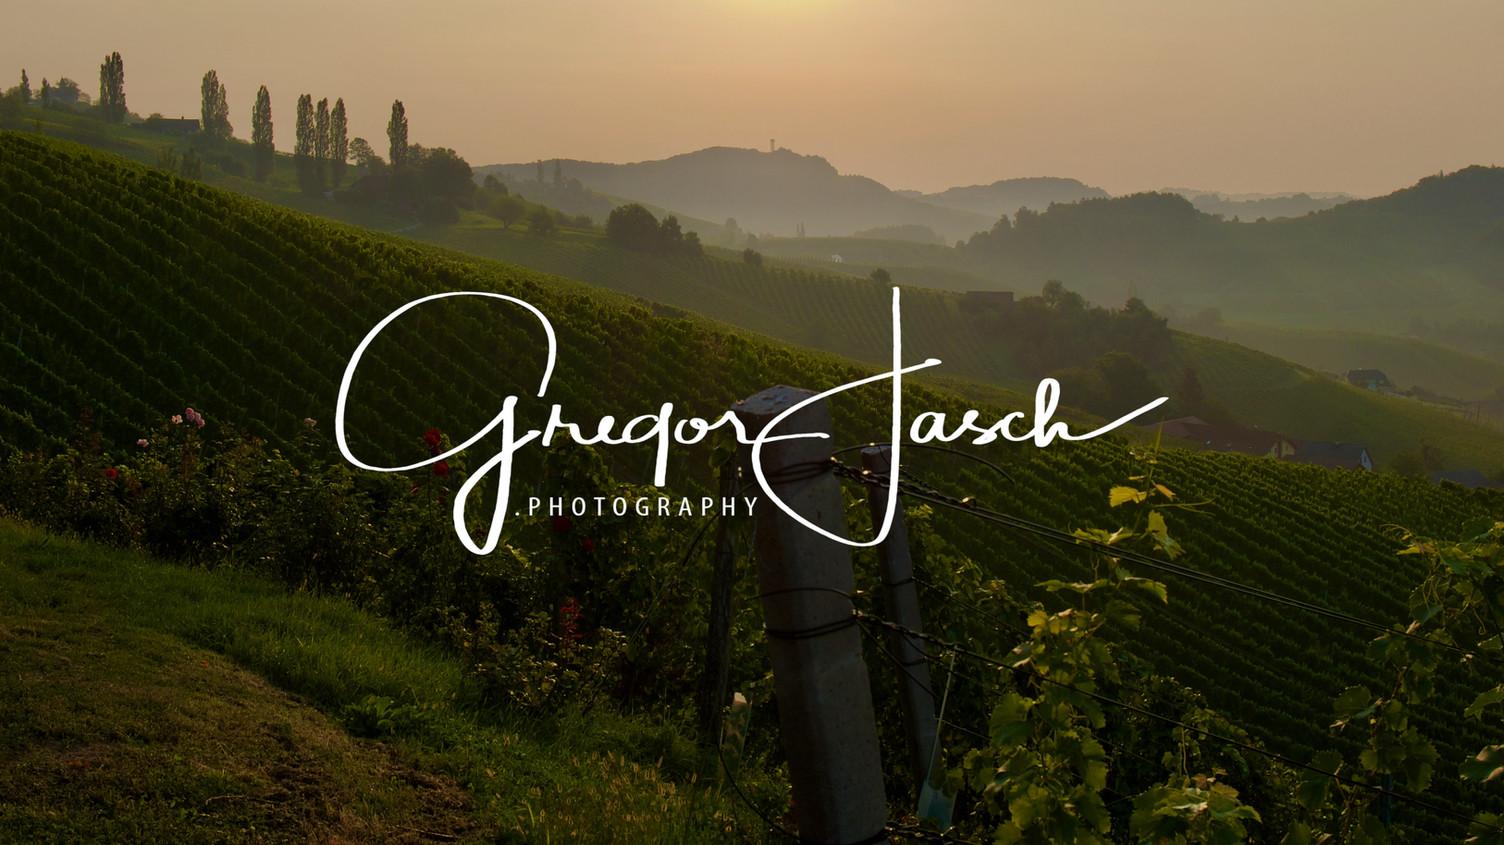 Buy_online_pictures_of_Outdoor_Südsteiermark_Austria_gregorjasch.photography